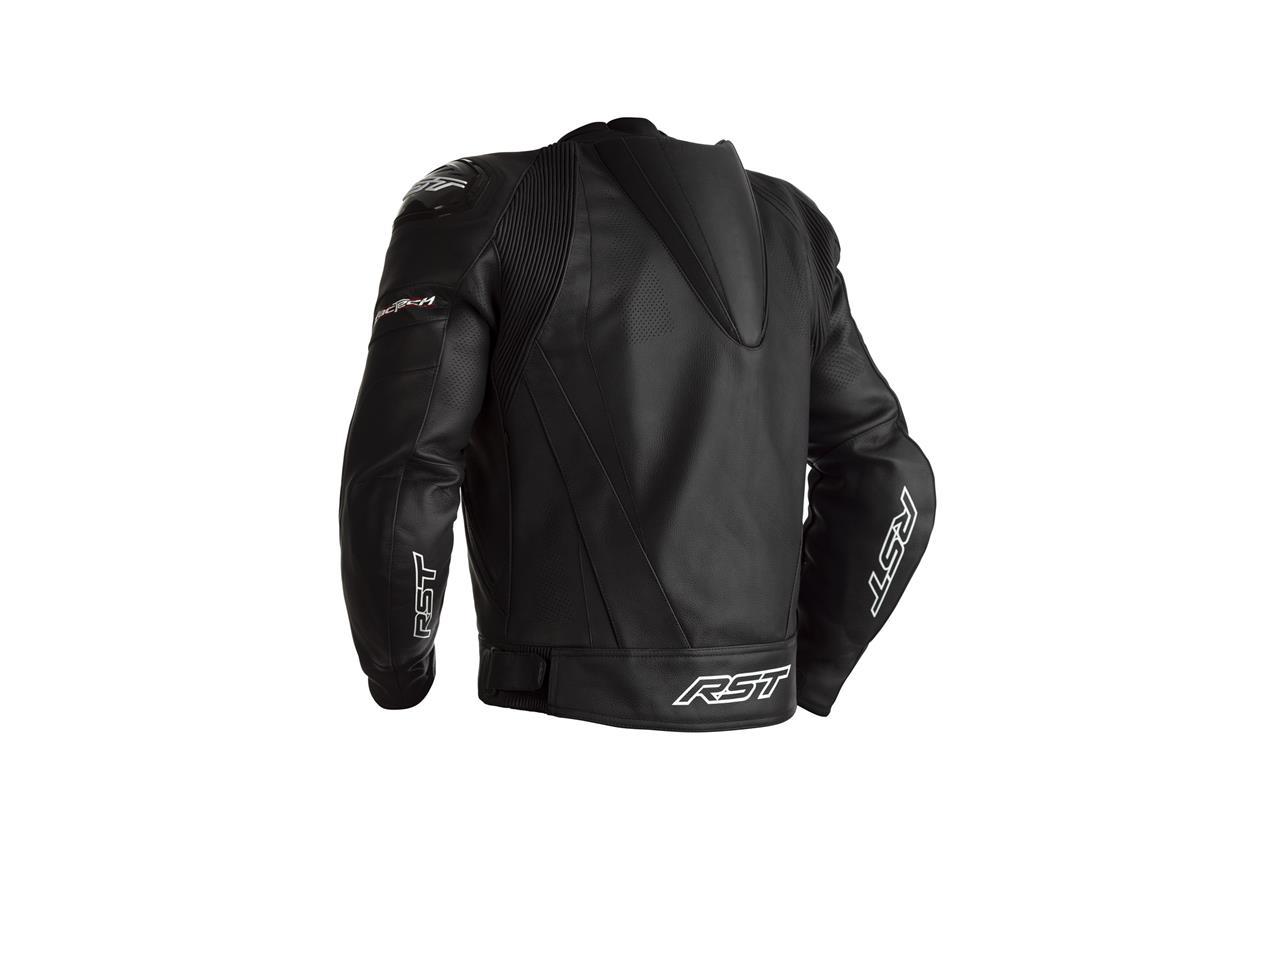 Blouson RST Tractech EVO 4 CE cuir noir taille 5XL homme